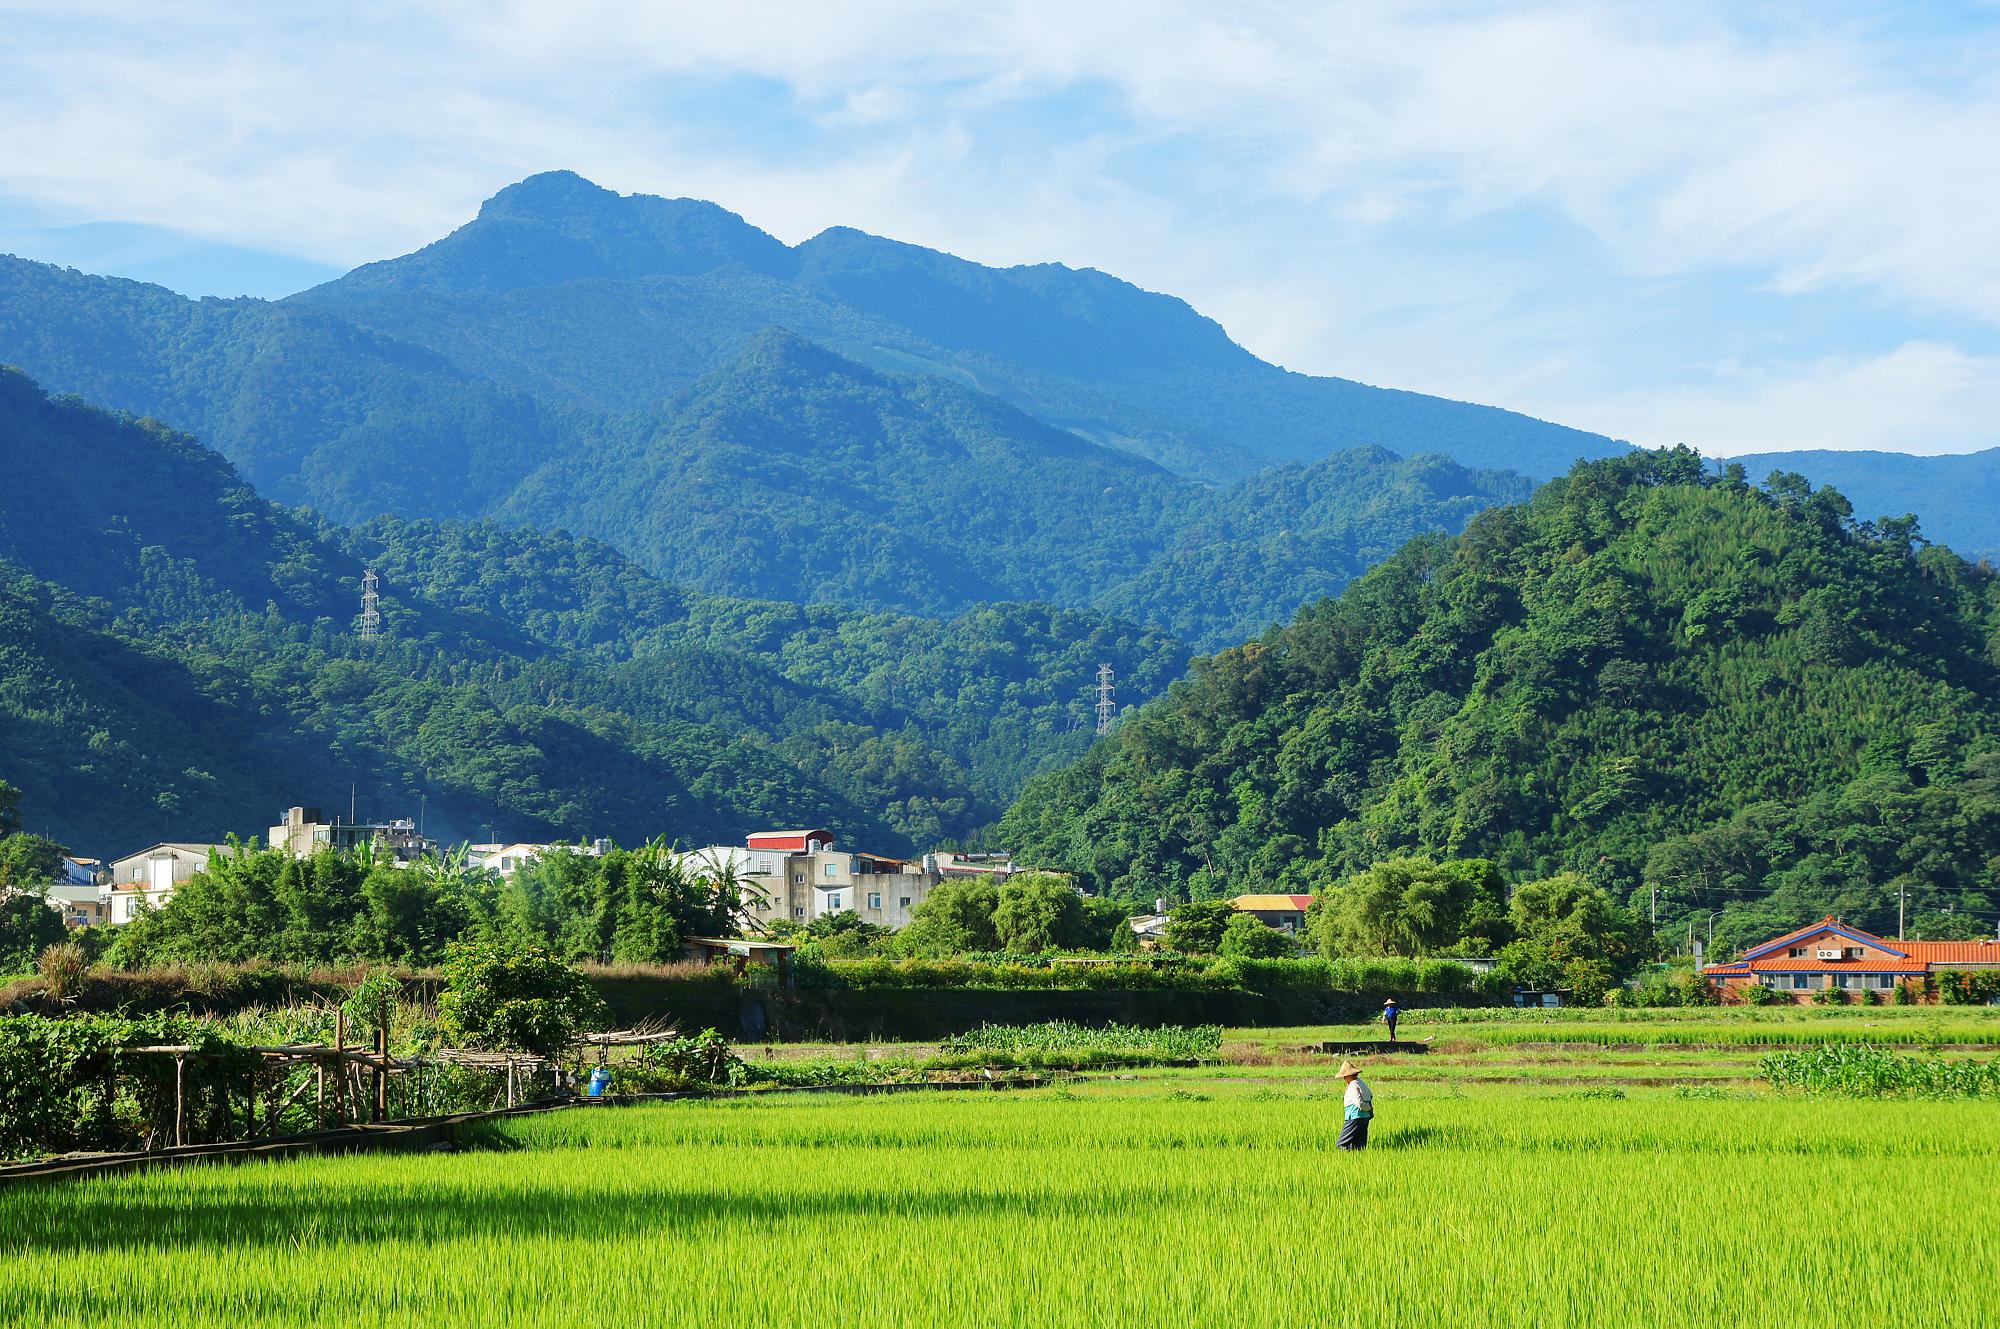 カレンダー 2015年4月のカレンダー : 南庄郷 - Nanzhuang, Miaoli ...